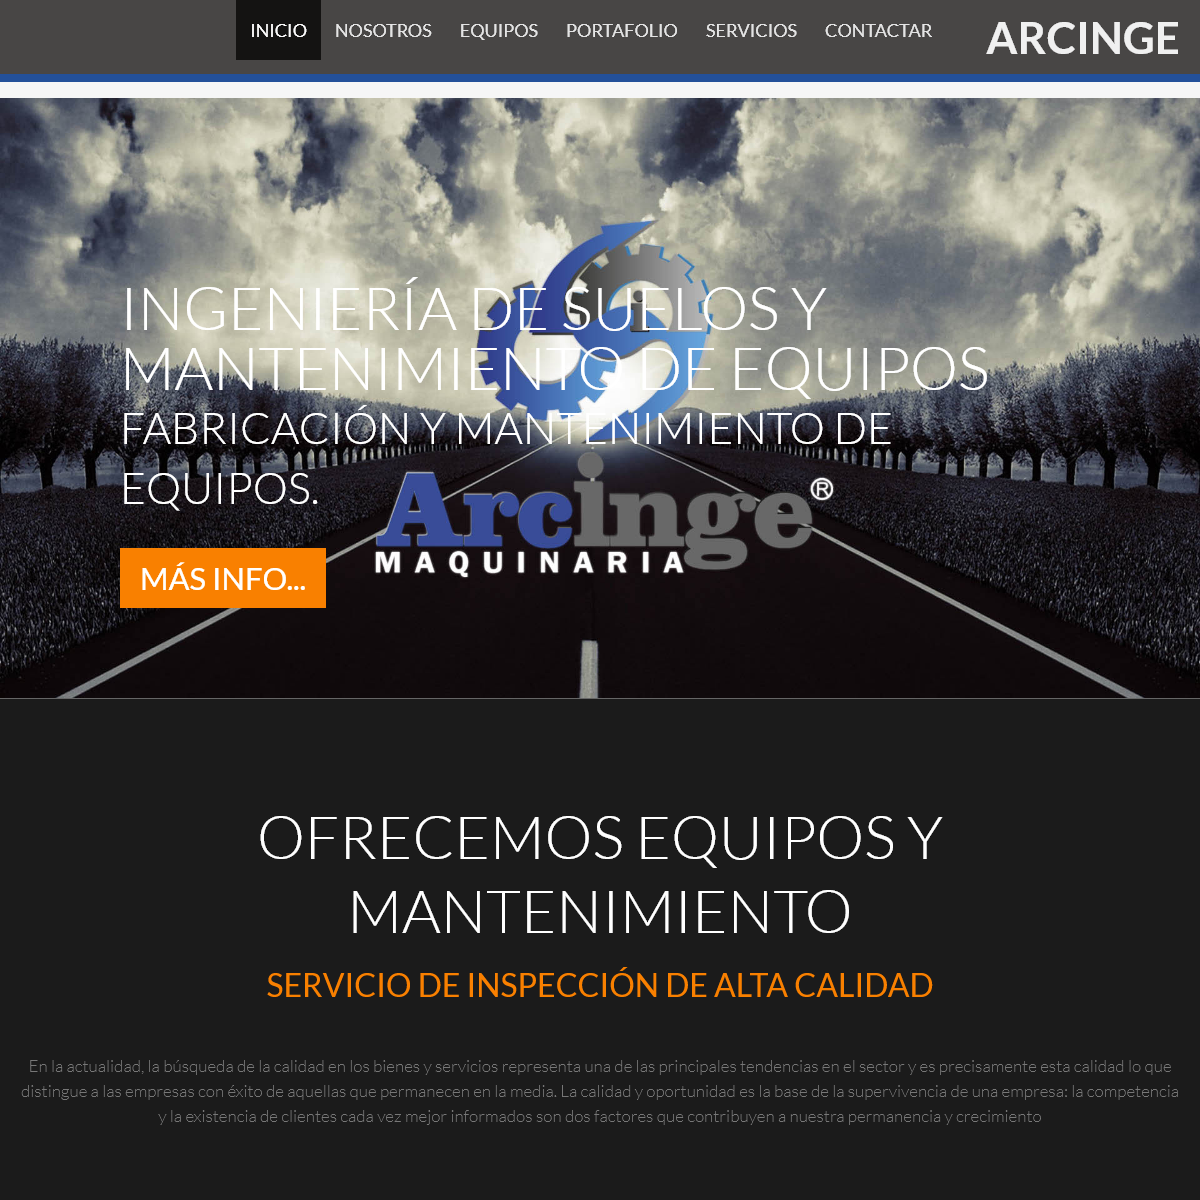 Arcinge Maquinaria